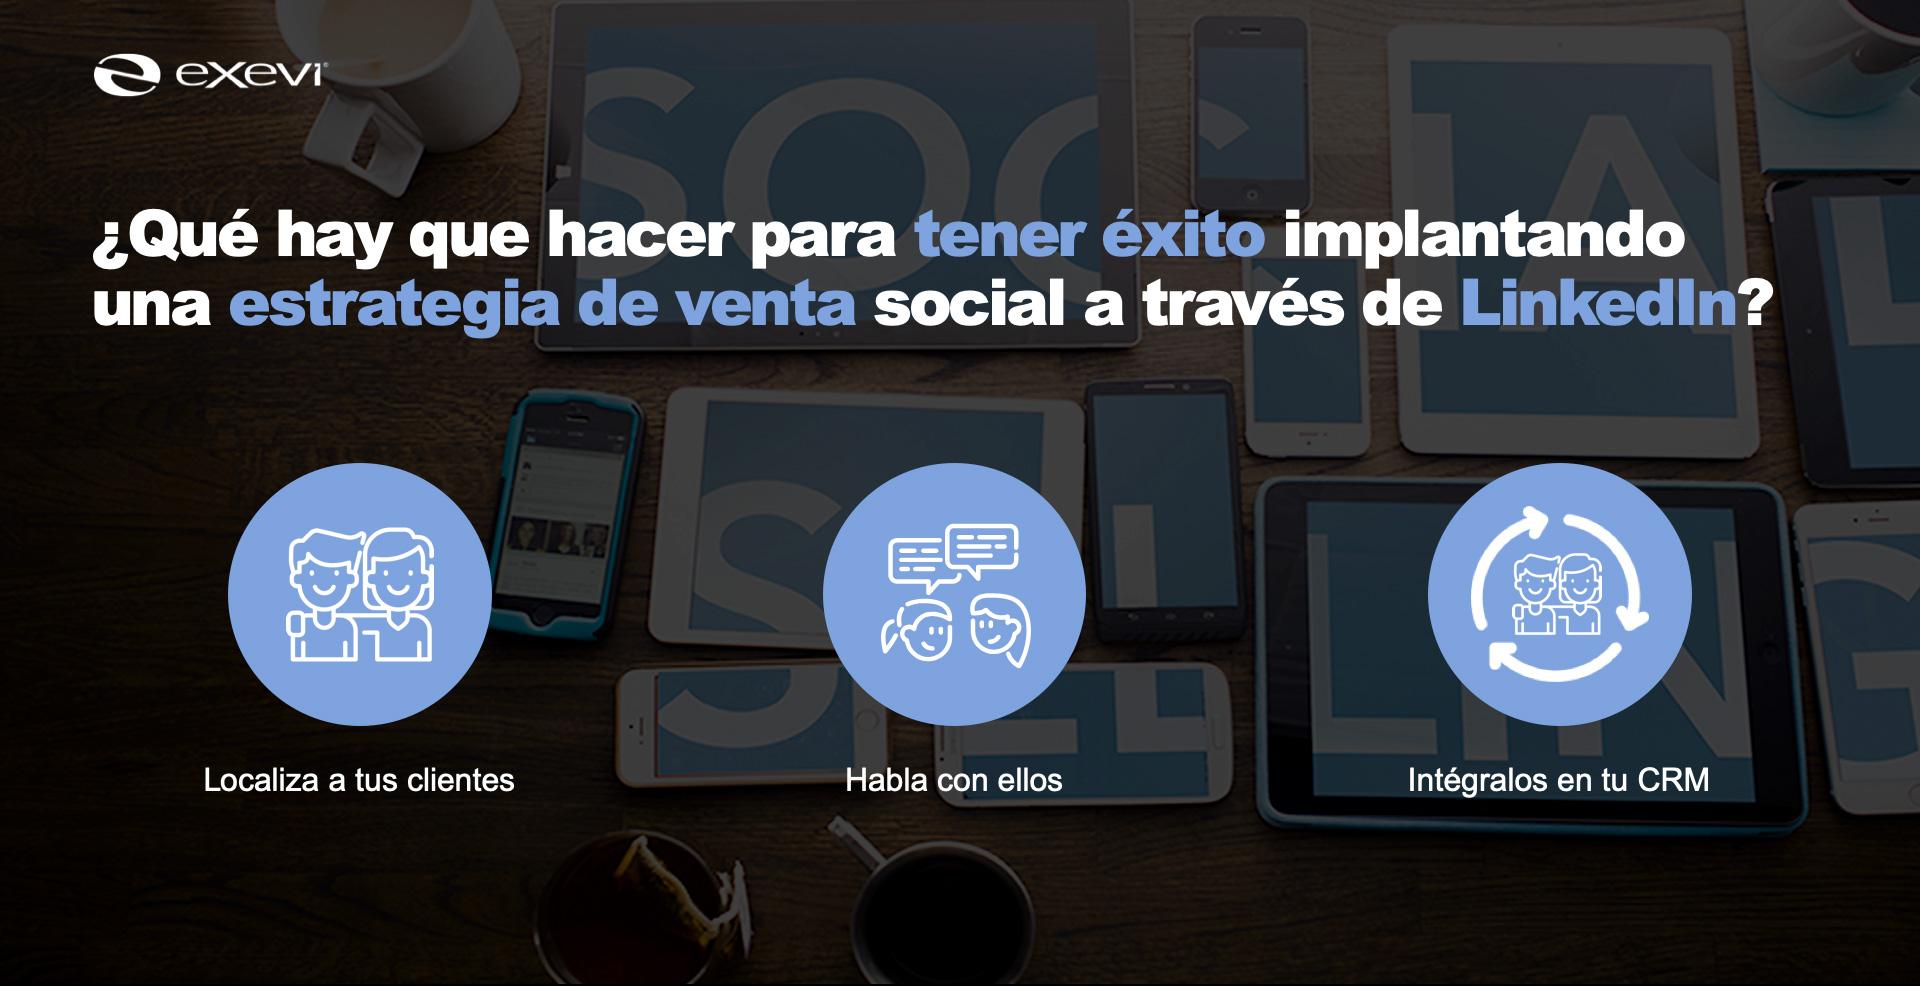 ¿Qué hay que hacer para tener éxito implantando una estrategia de venta social a través de LinkedIn?